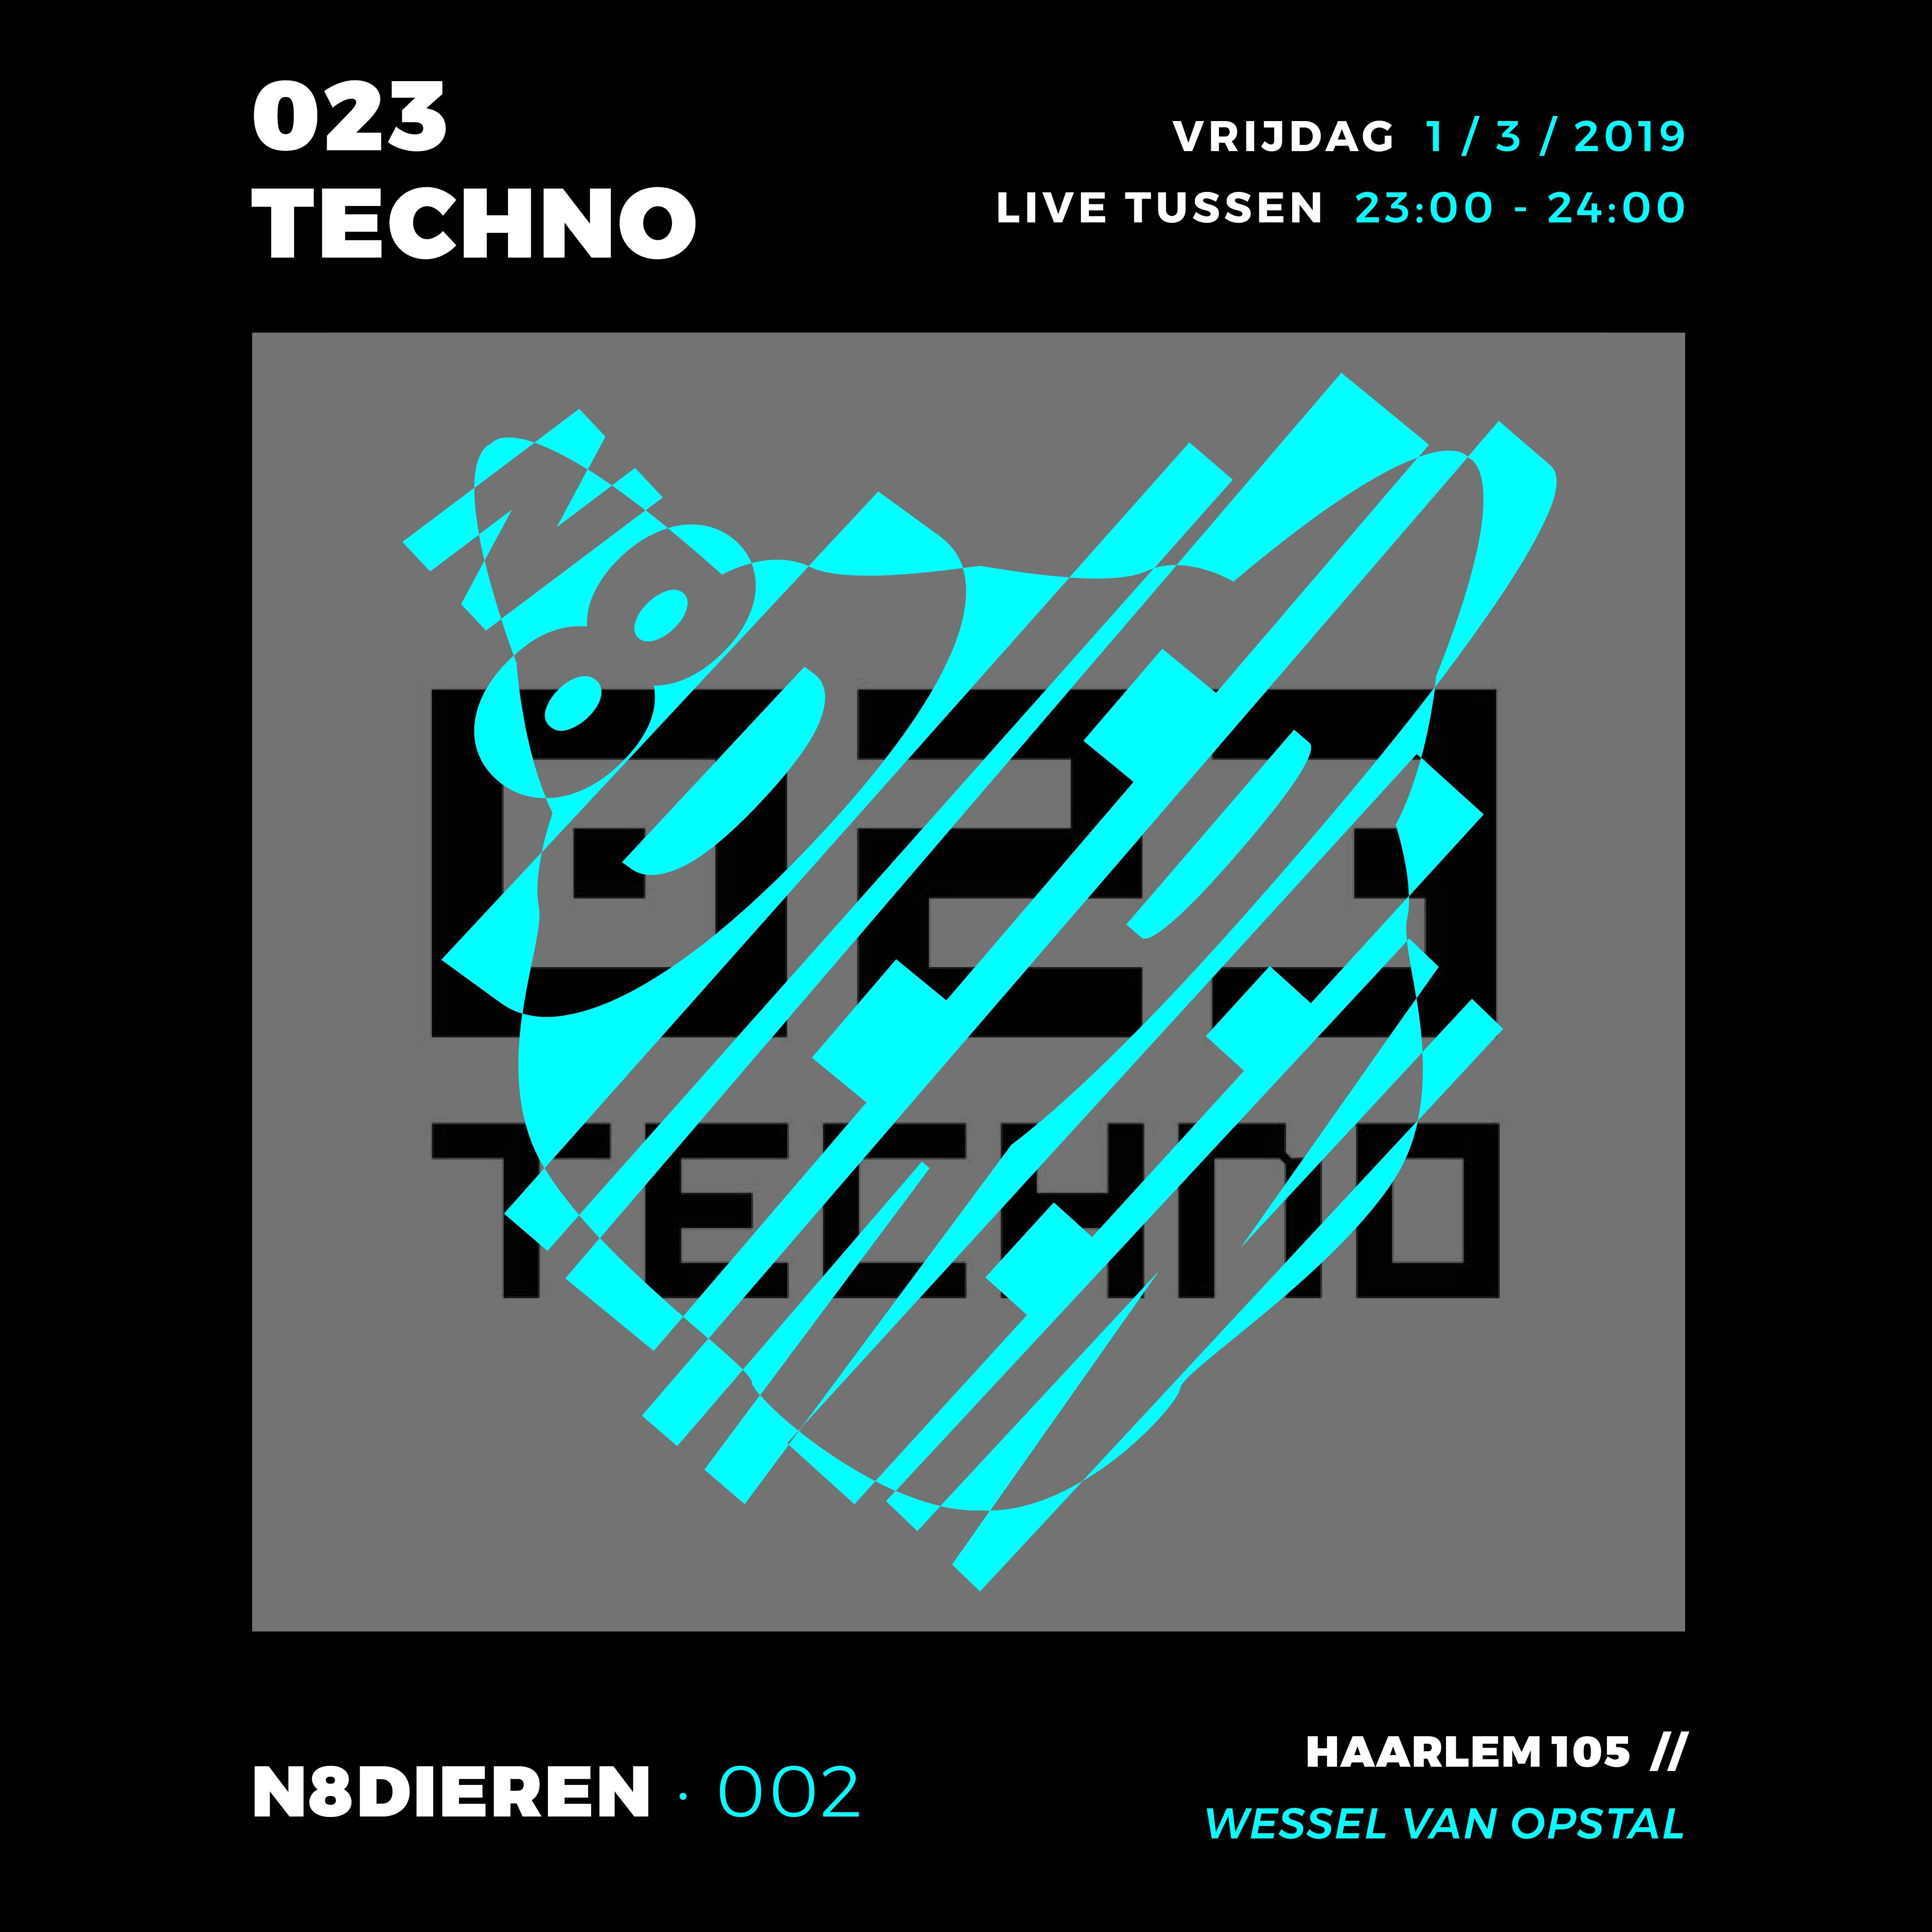 023 Techno x N8dieren